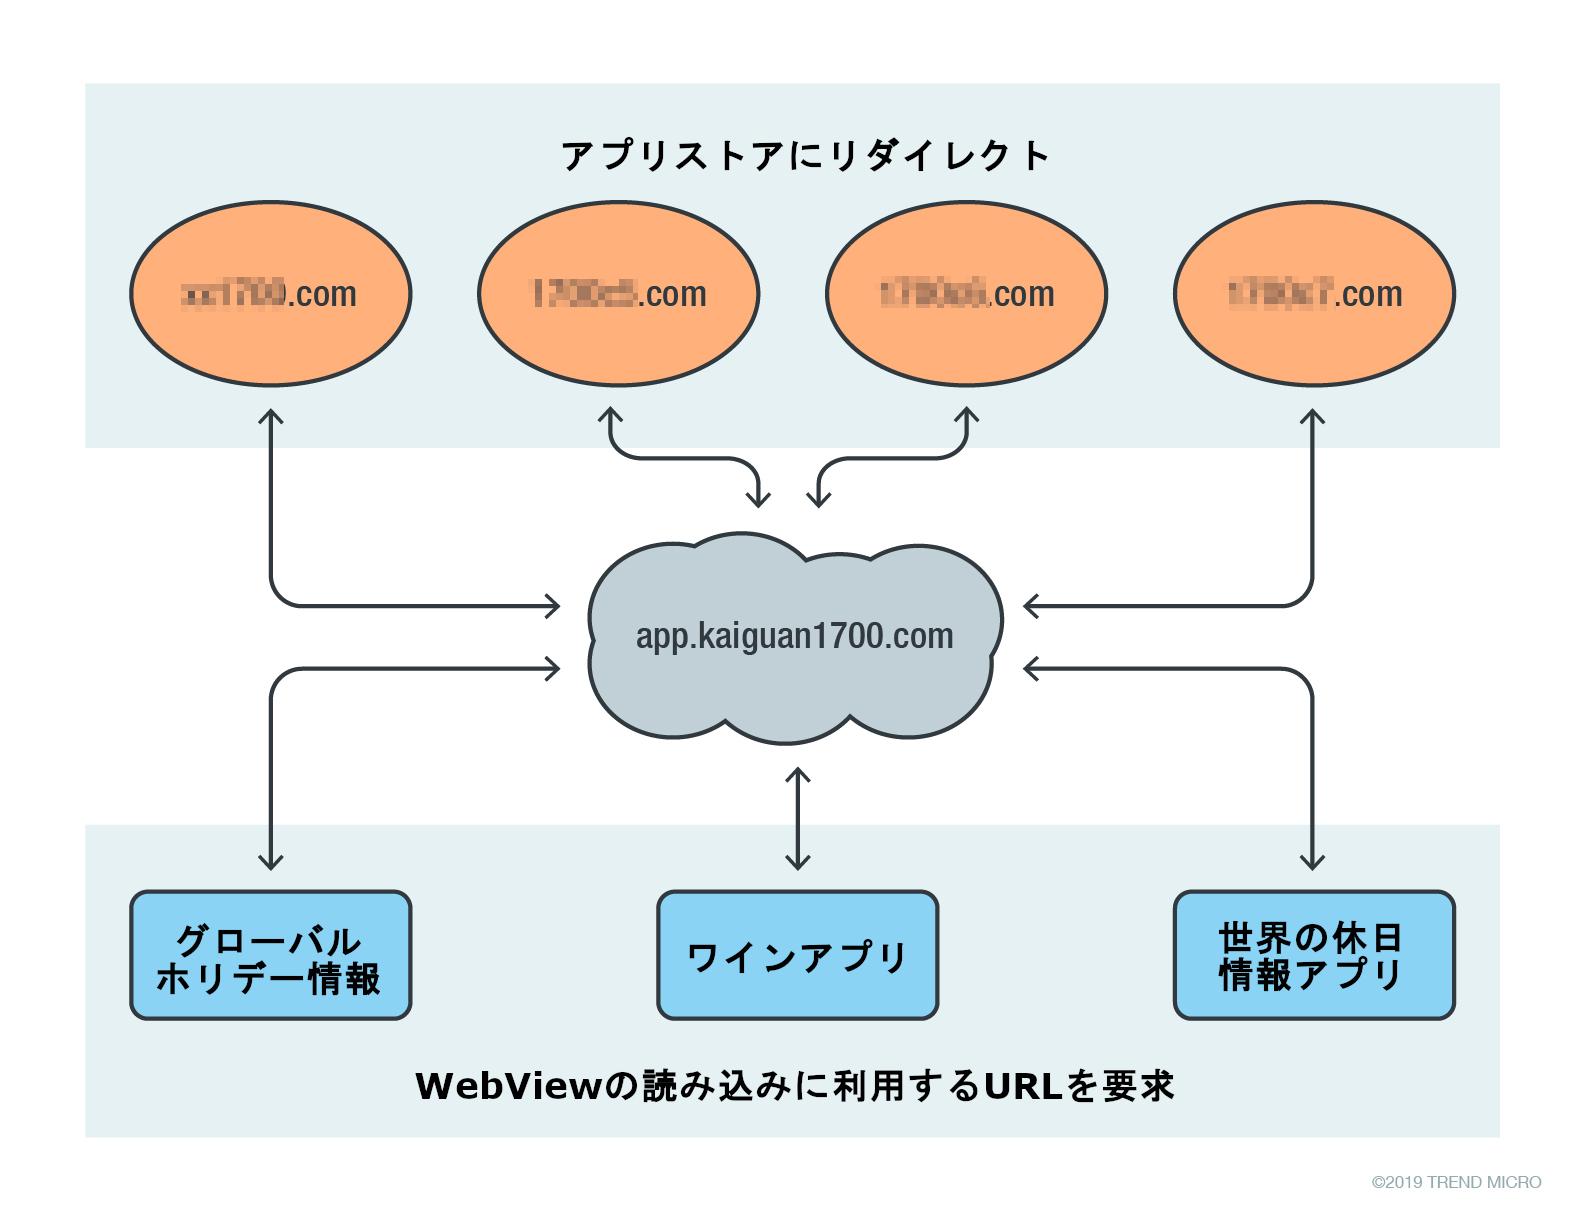 図17:異なるドメインとアプリの関連性を示すC&C構造